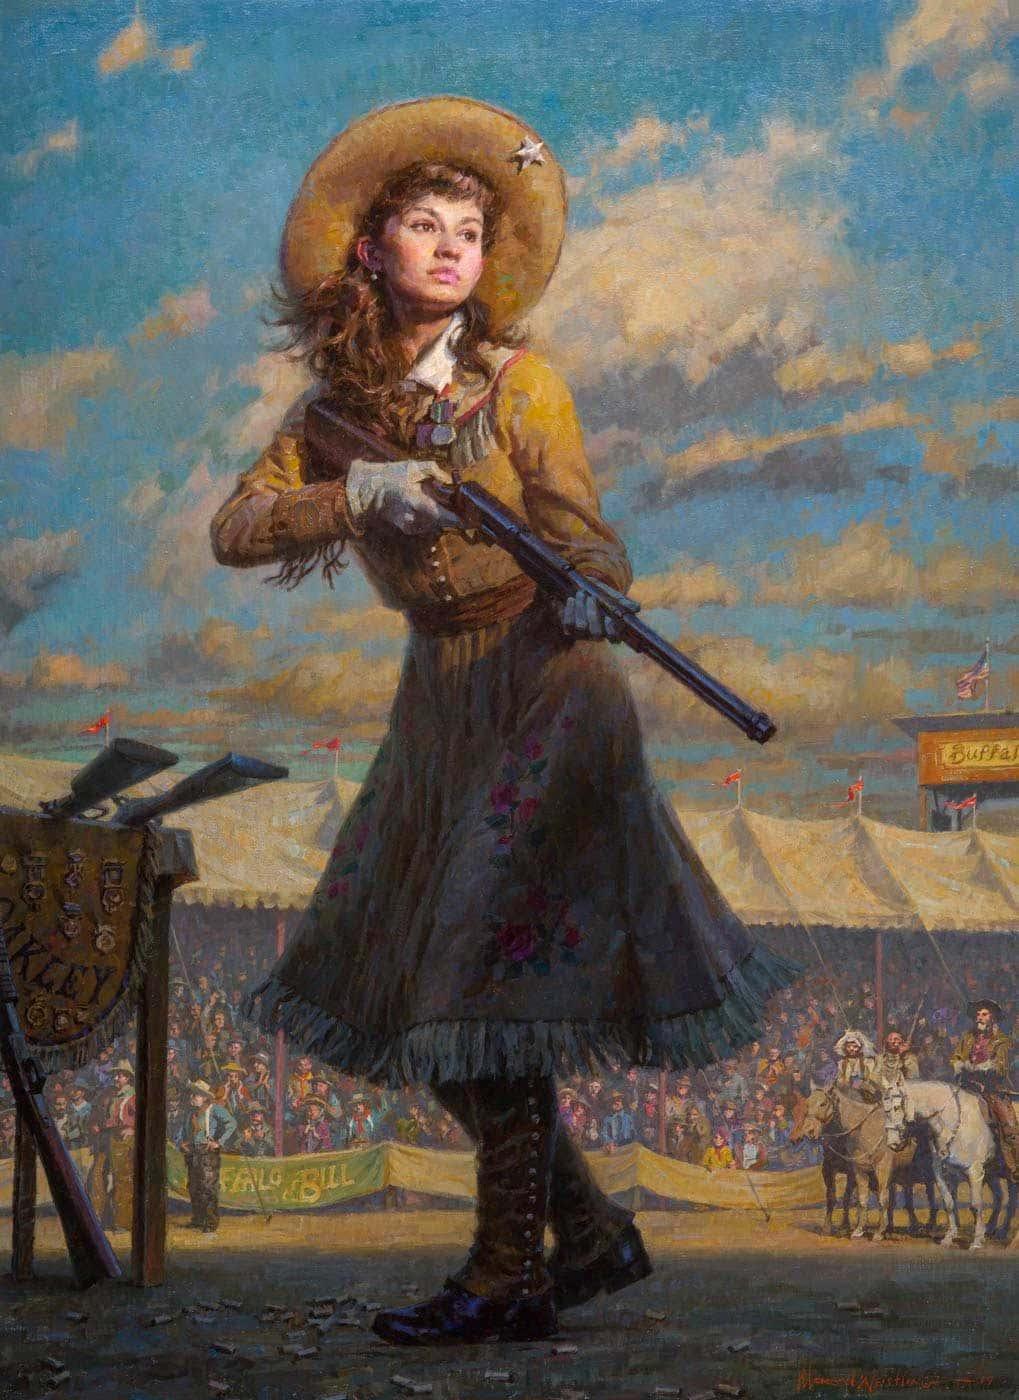 Энни Окли. Первая в Америке суперзвезда женского пола. Ч.1 Детство